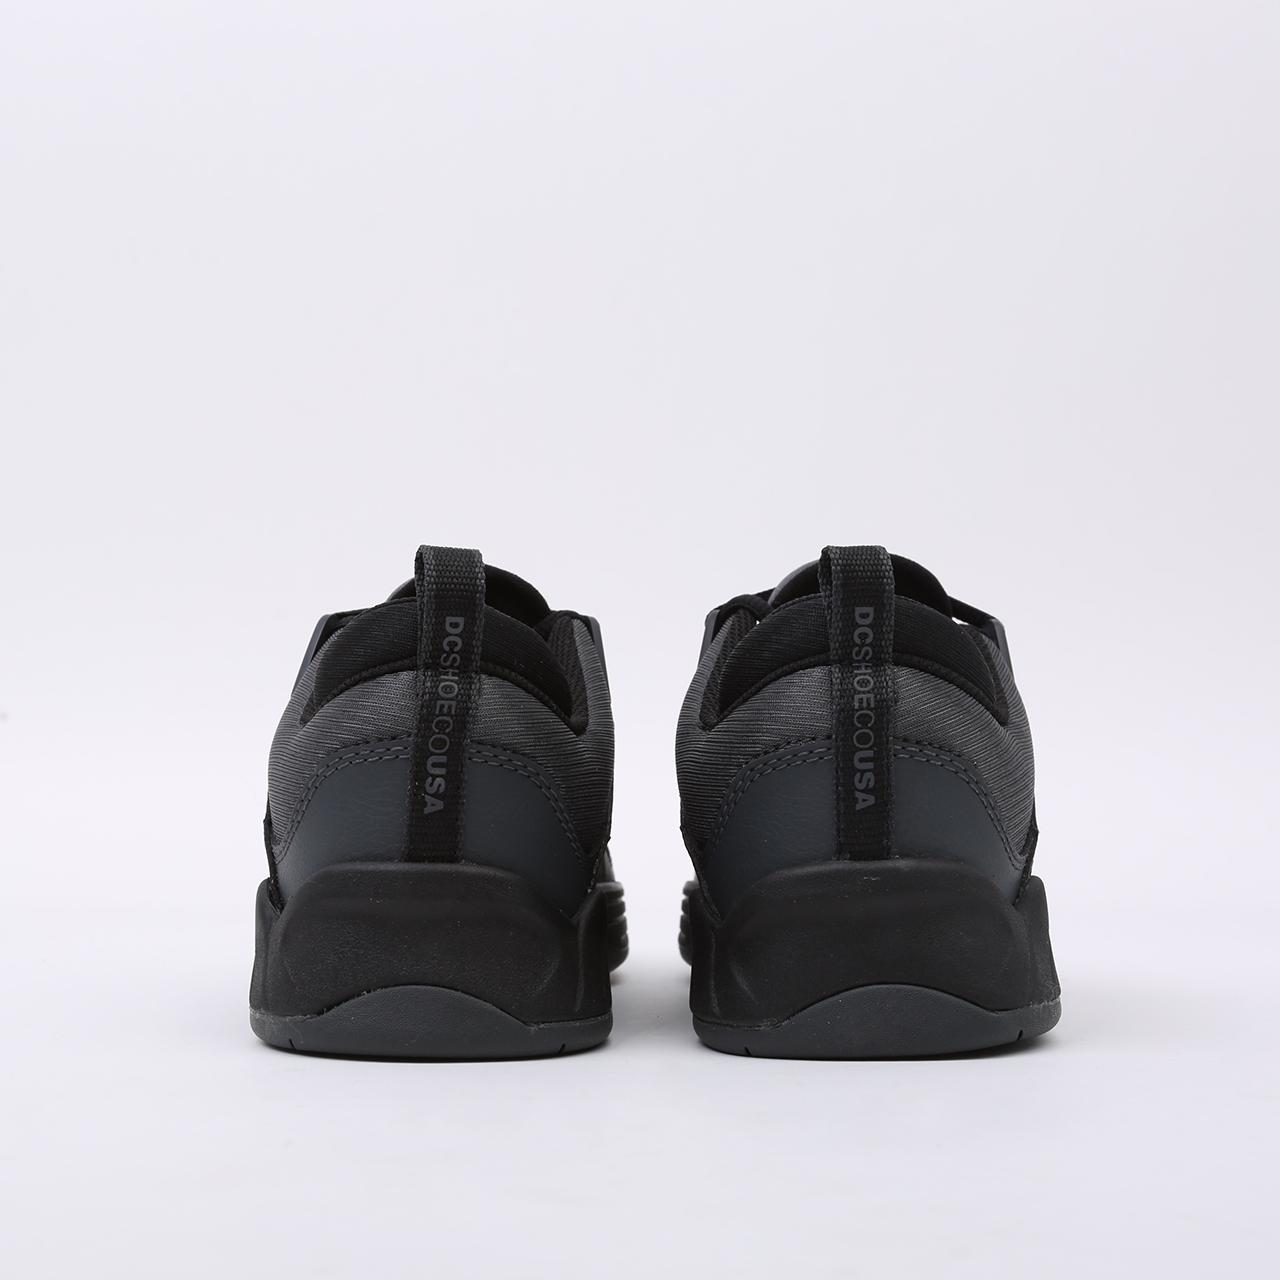 мужские чёрные  кроссовки dc shoes williams slim ADYS100539-bda-bda - цена, описание, фото 3